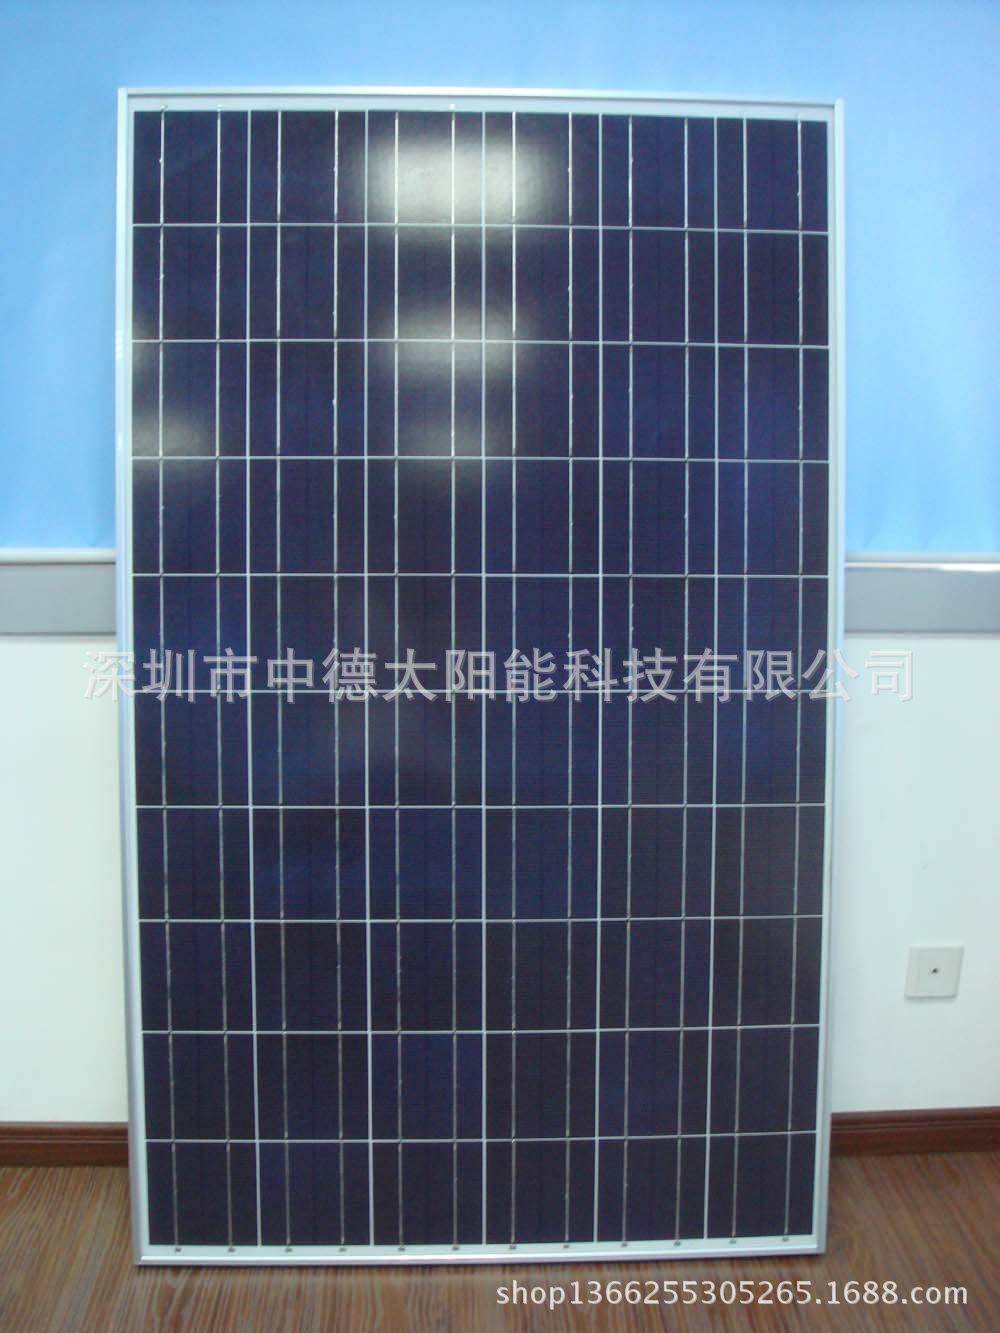 厂家直销单晶多晶硅滴胶、层压、PET、半透明软性太阳能电池板